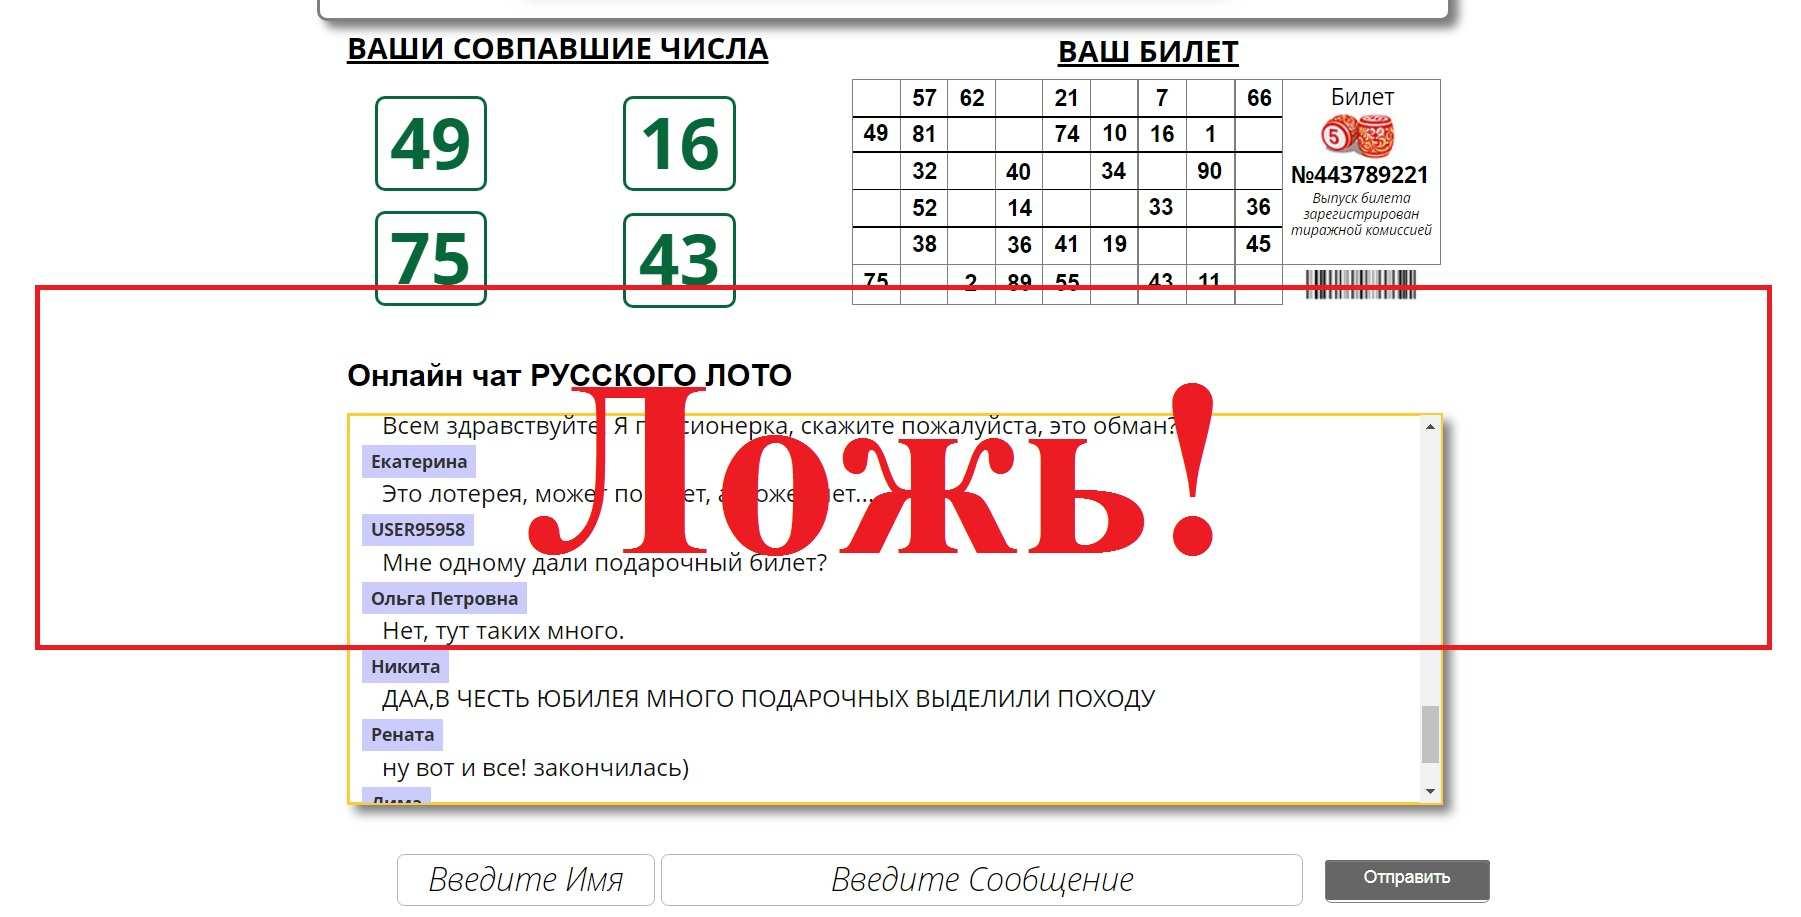 Русское Лото бесплатный билет – отзывы о разводе